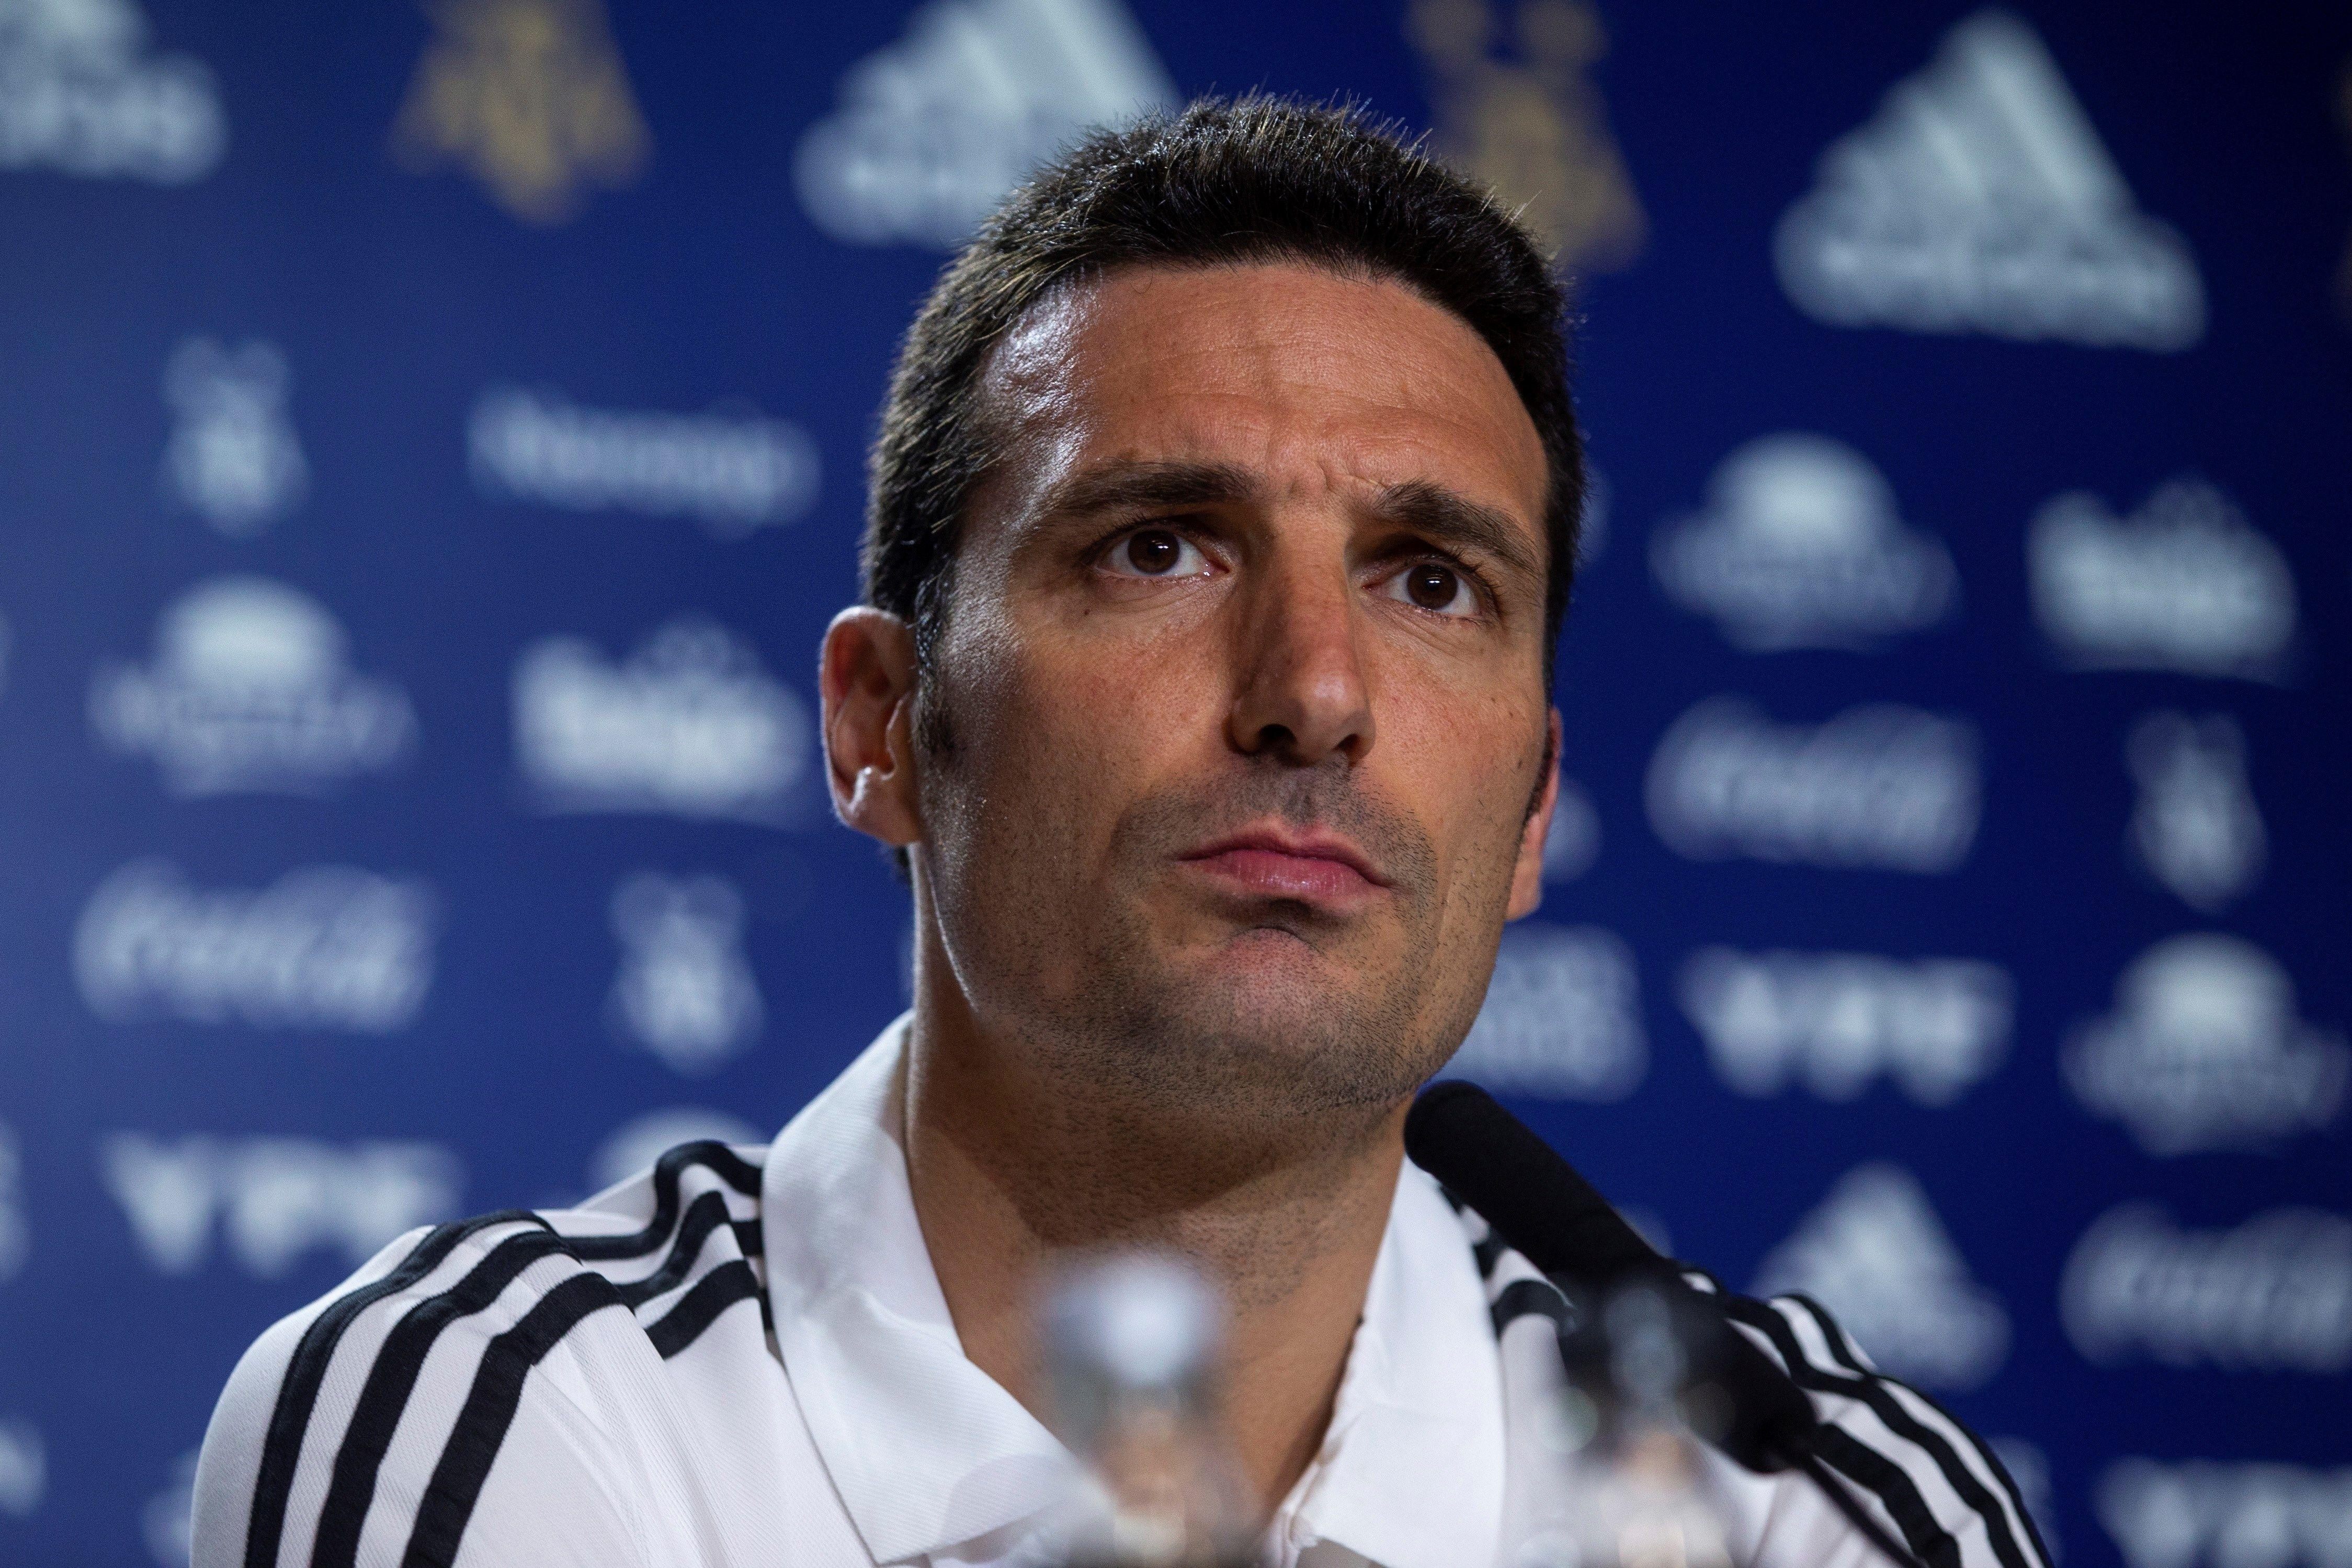 El técnico de la Selección de Argentina, Lionel Scaloni está tranquilo y explica desde el accidente, Messi y la Albiceleste. (Foto Prensa Libre: EFE)